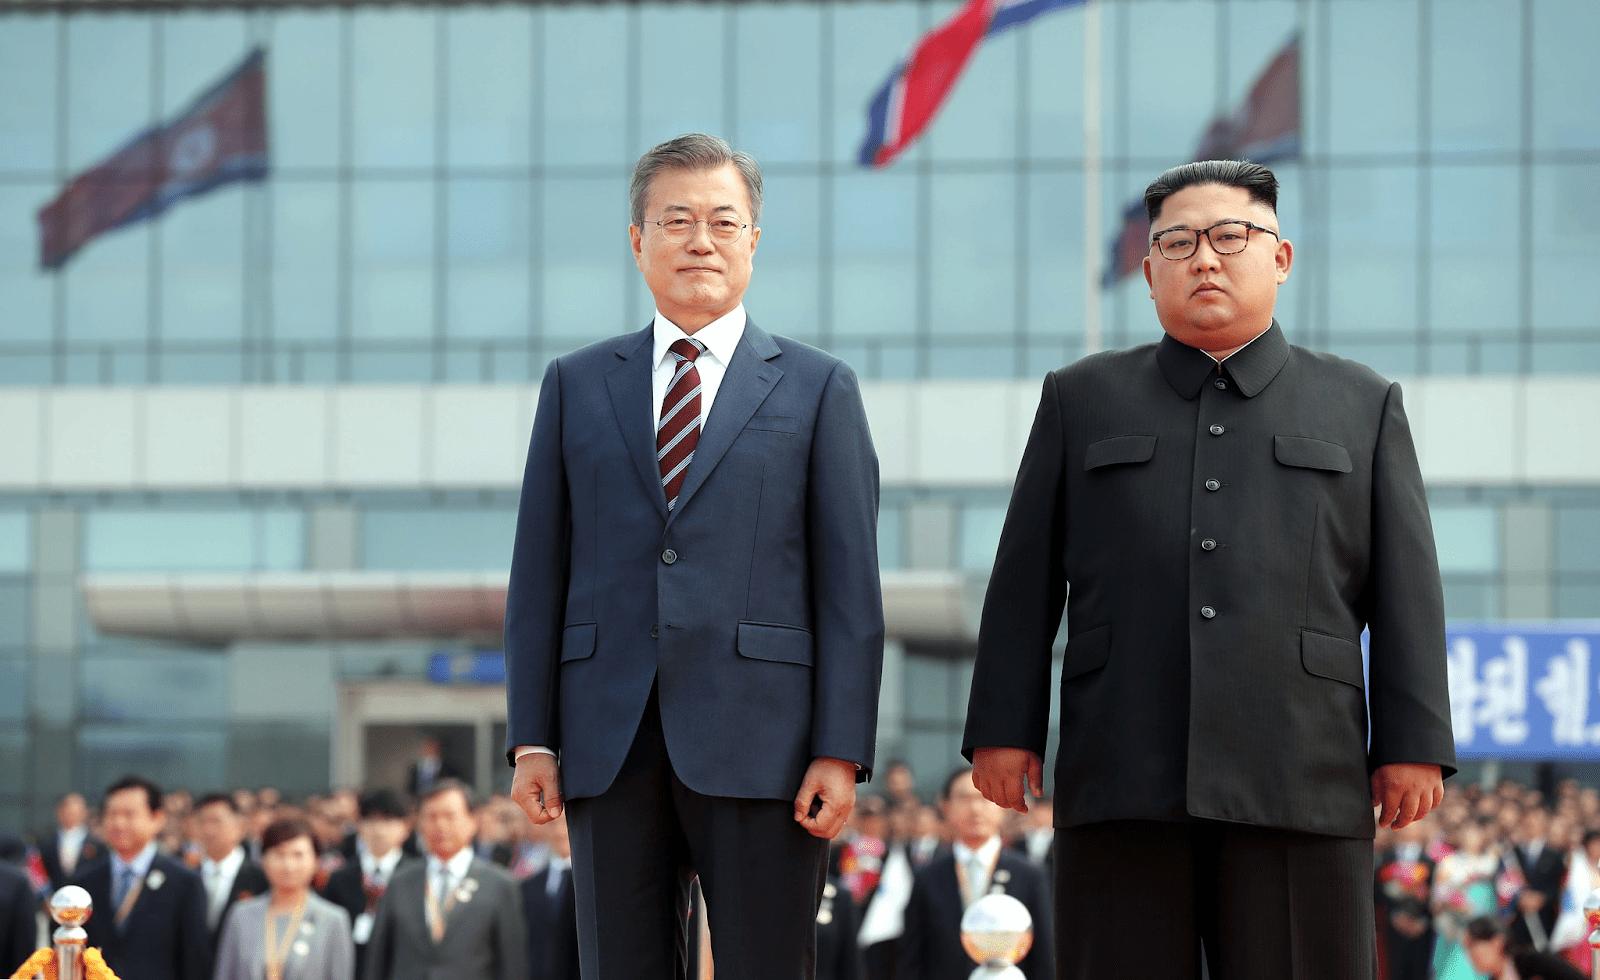 Volte-face: What explains Kim Jong Un's sudden change of heart?